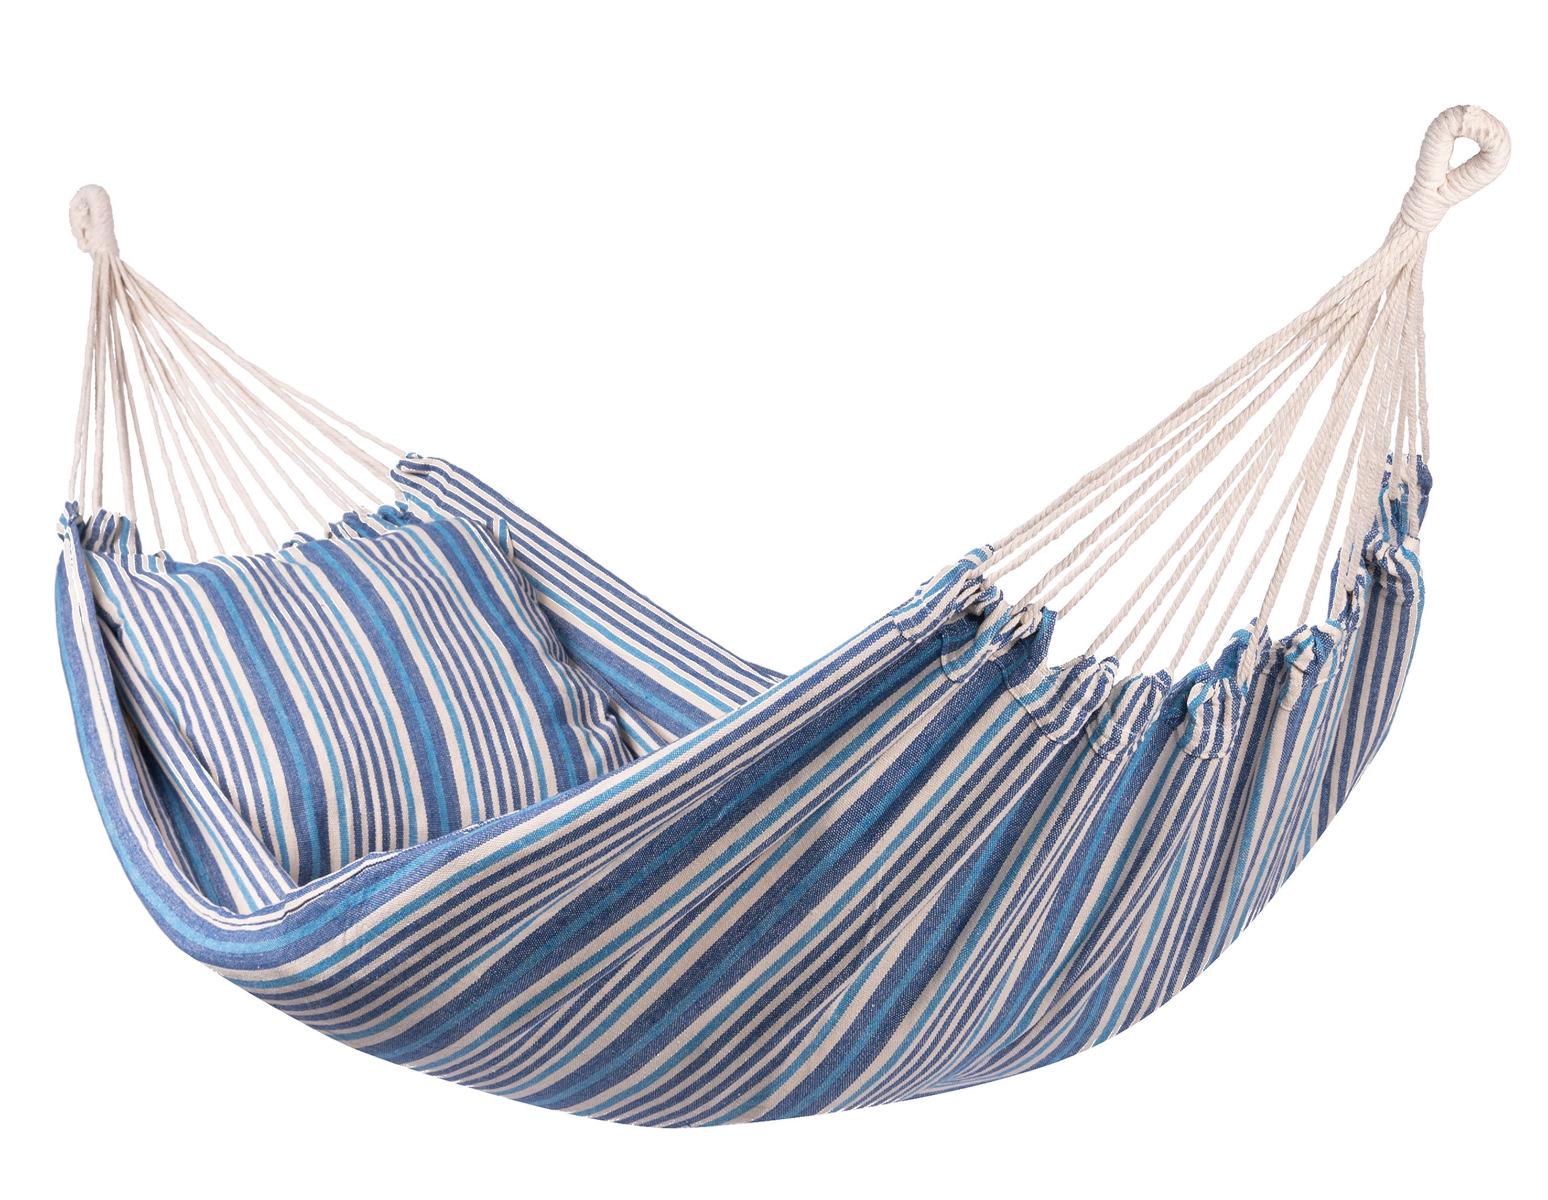 'Rustic' Single E�npersoons Hangmat - Veelkleurig - 123 Hammock